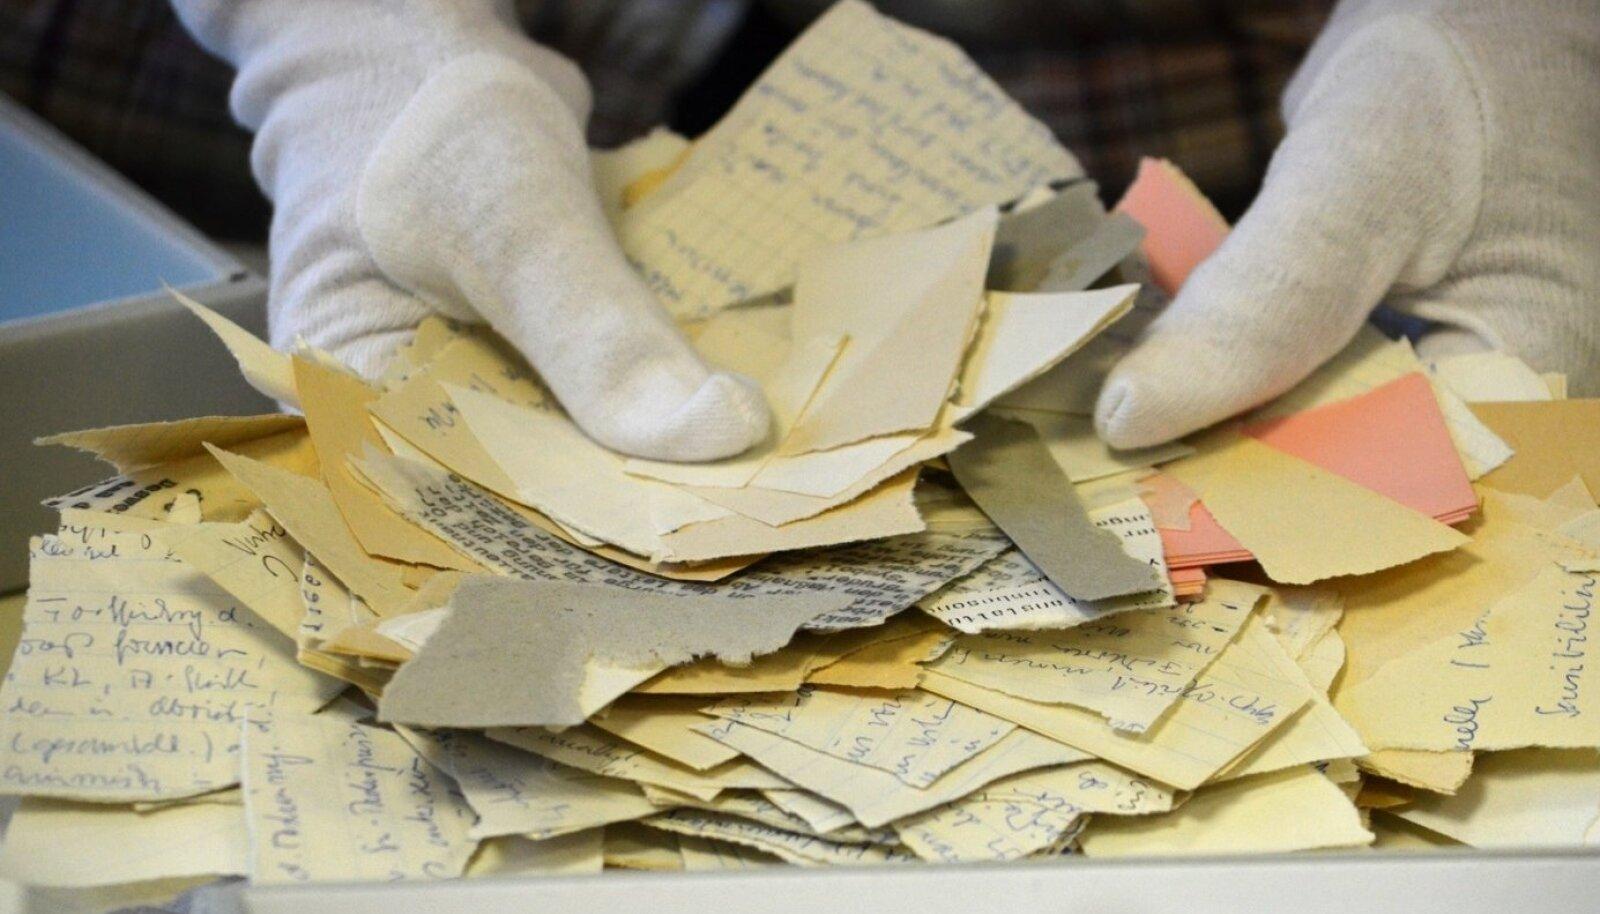 Hulk inimesi töötab selle heaks, et kunagi katki rebitud dokumendid ja muud materjalid saaks korralikult kokku sobitatud.